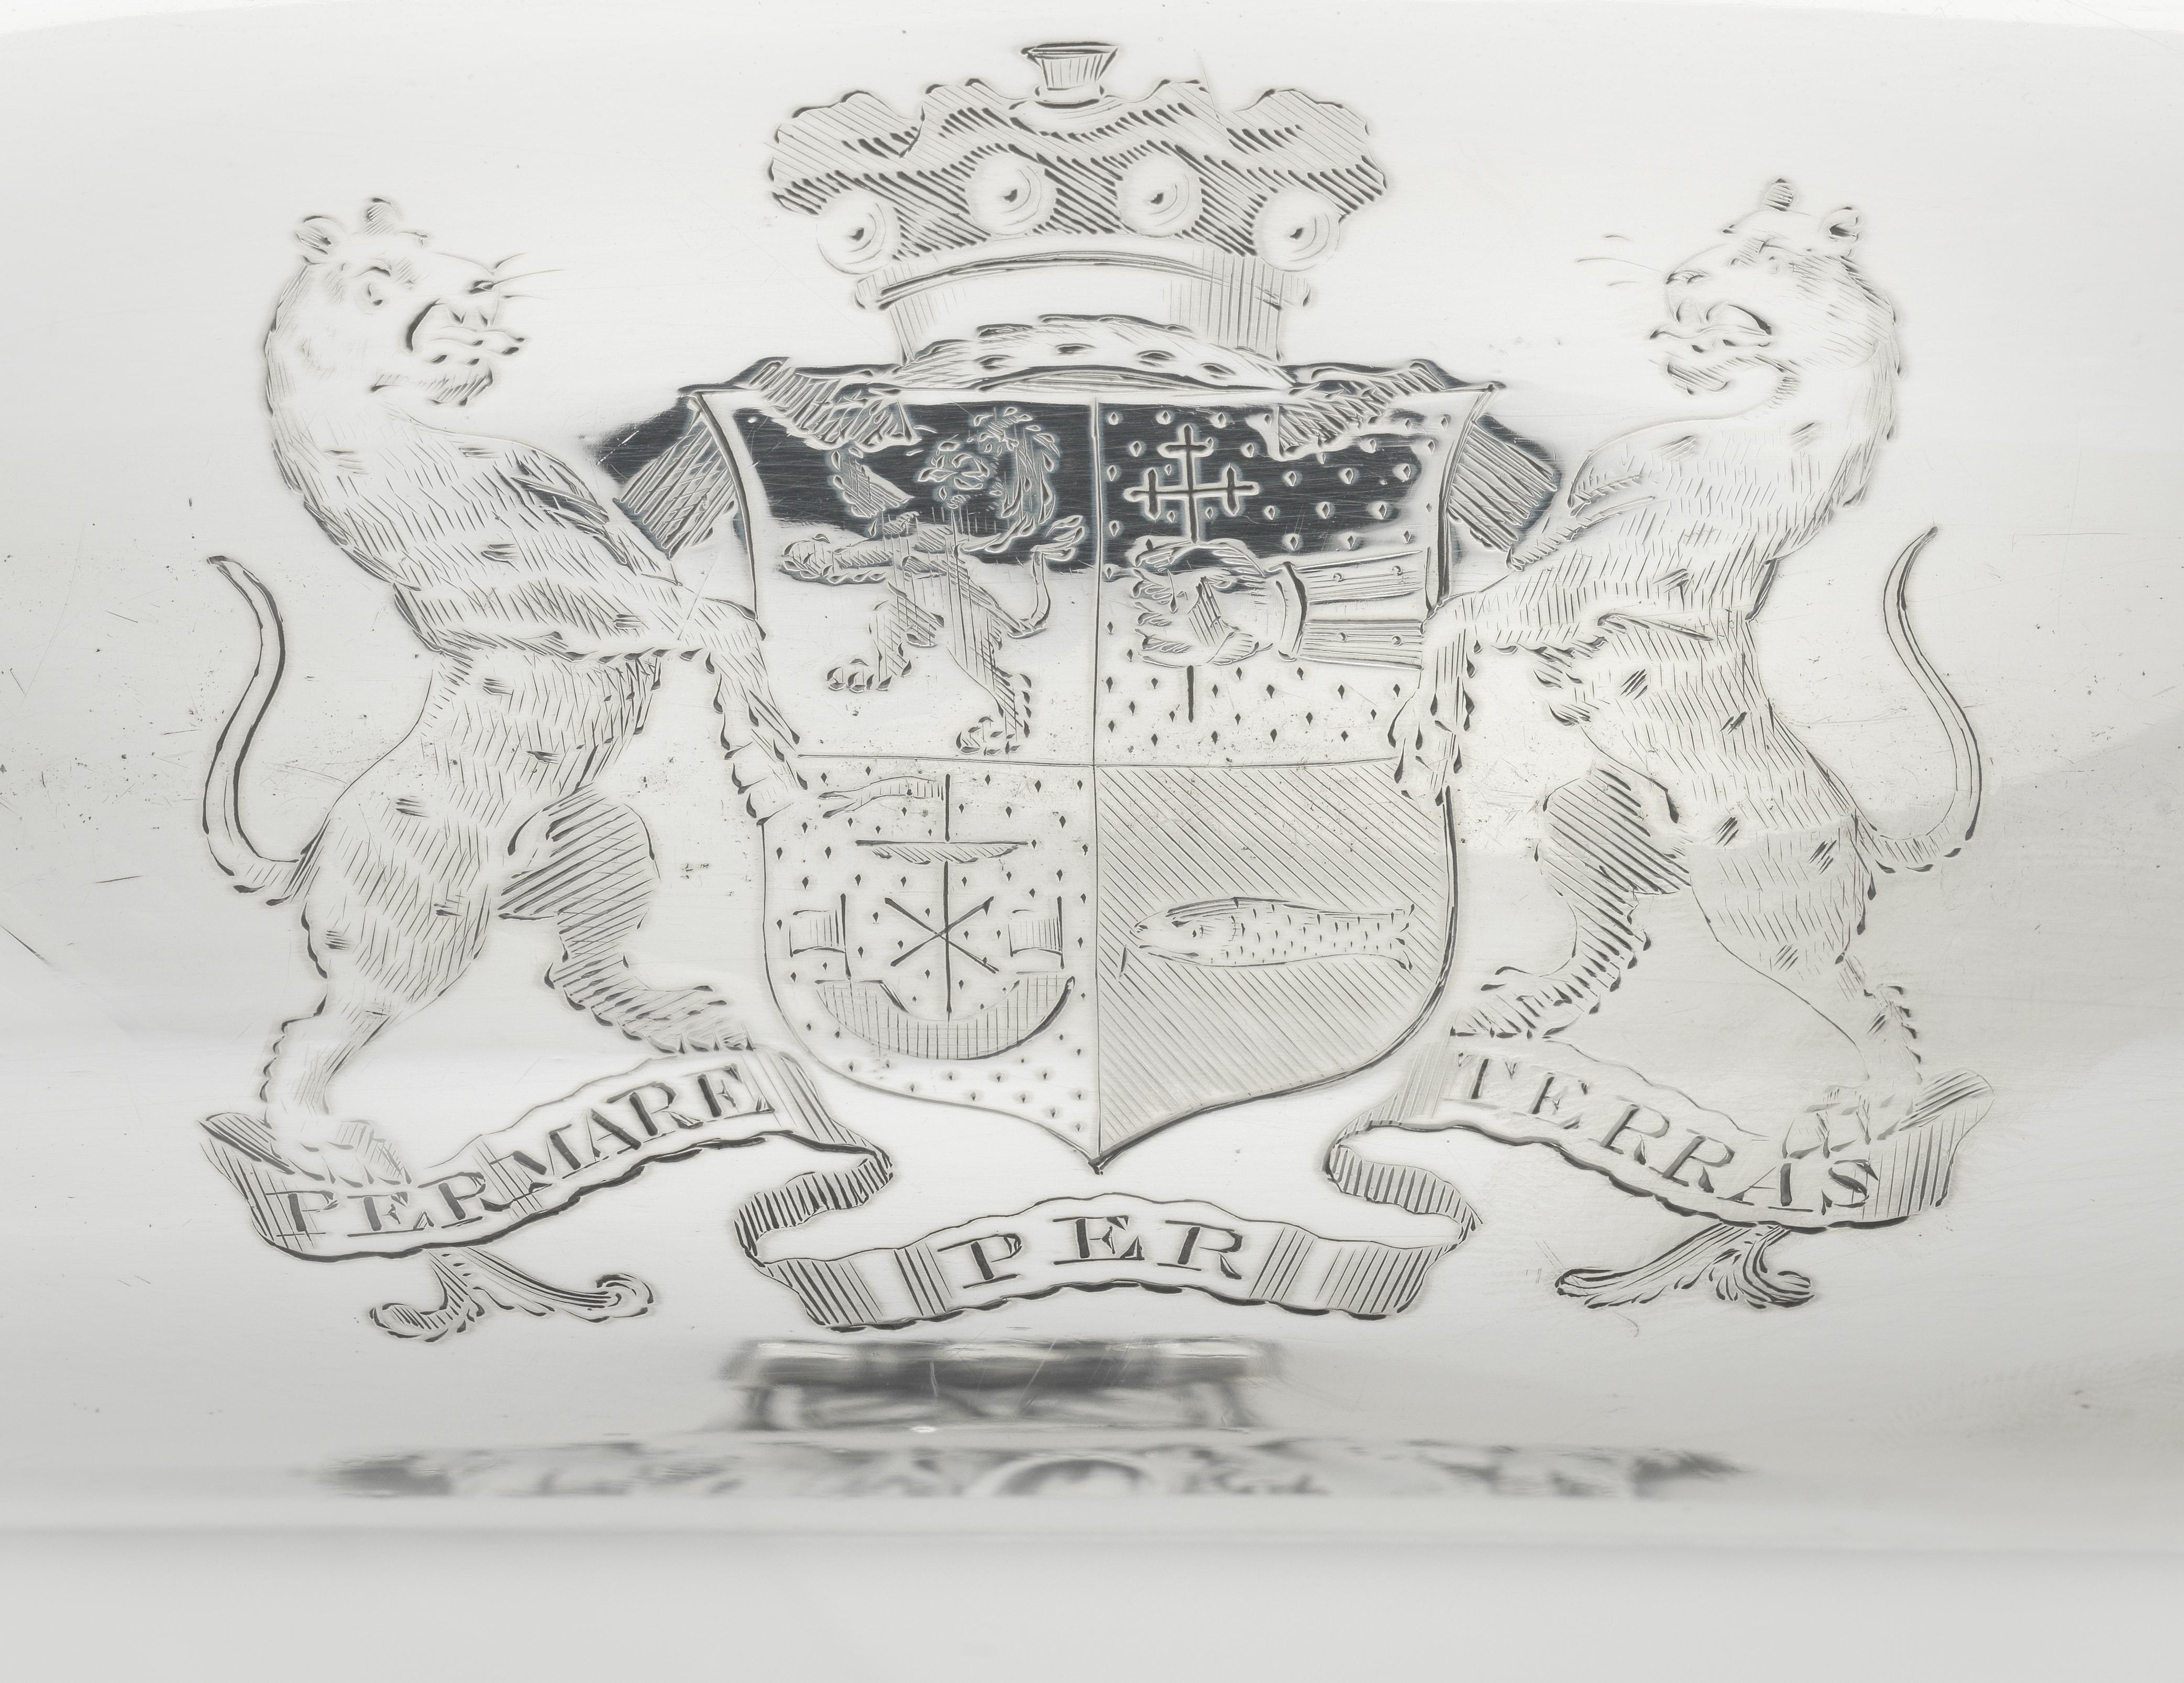 Lot 52 - A George III silver soup tureen Paul Storr, London 1803